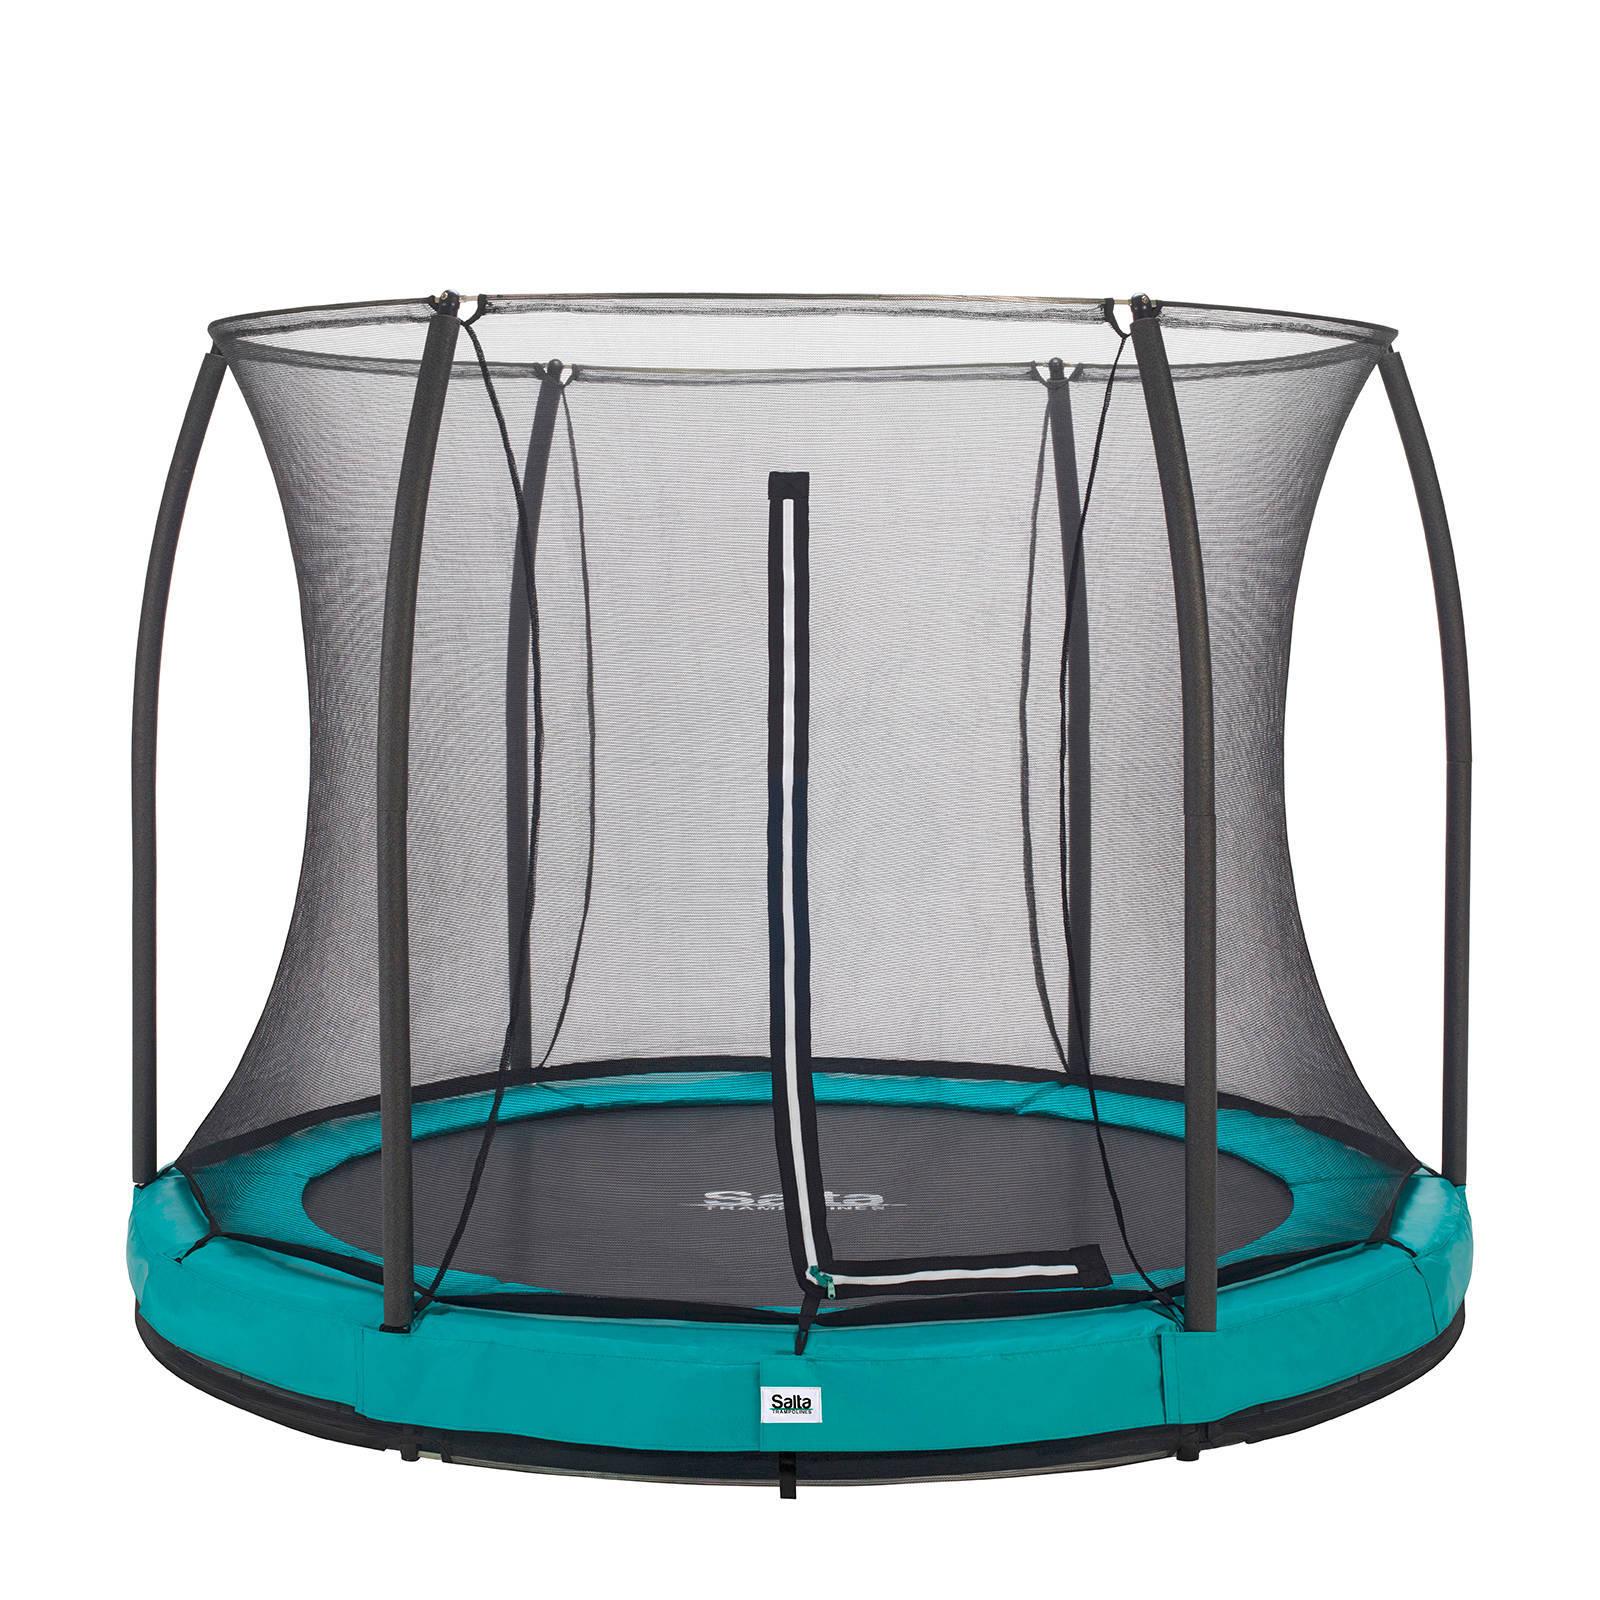 Salta Comfort Edition Ground trampoline Ø305 cm, Groen